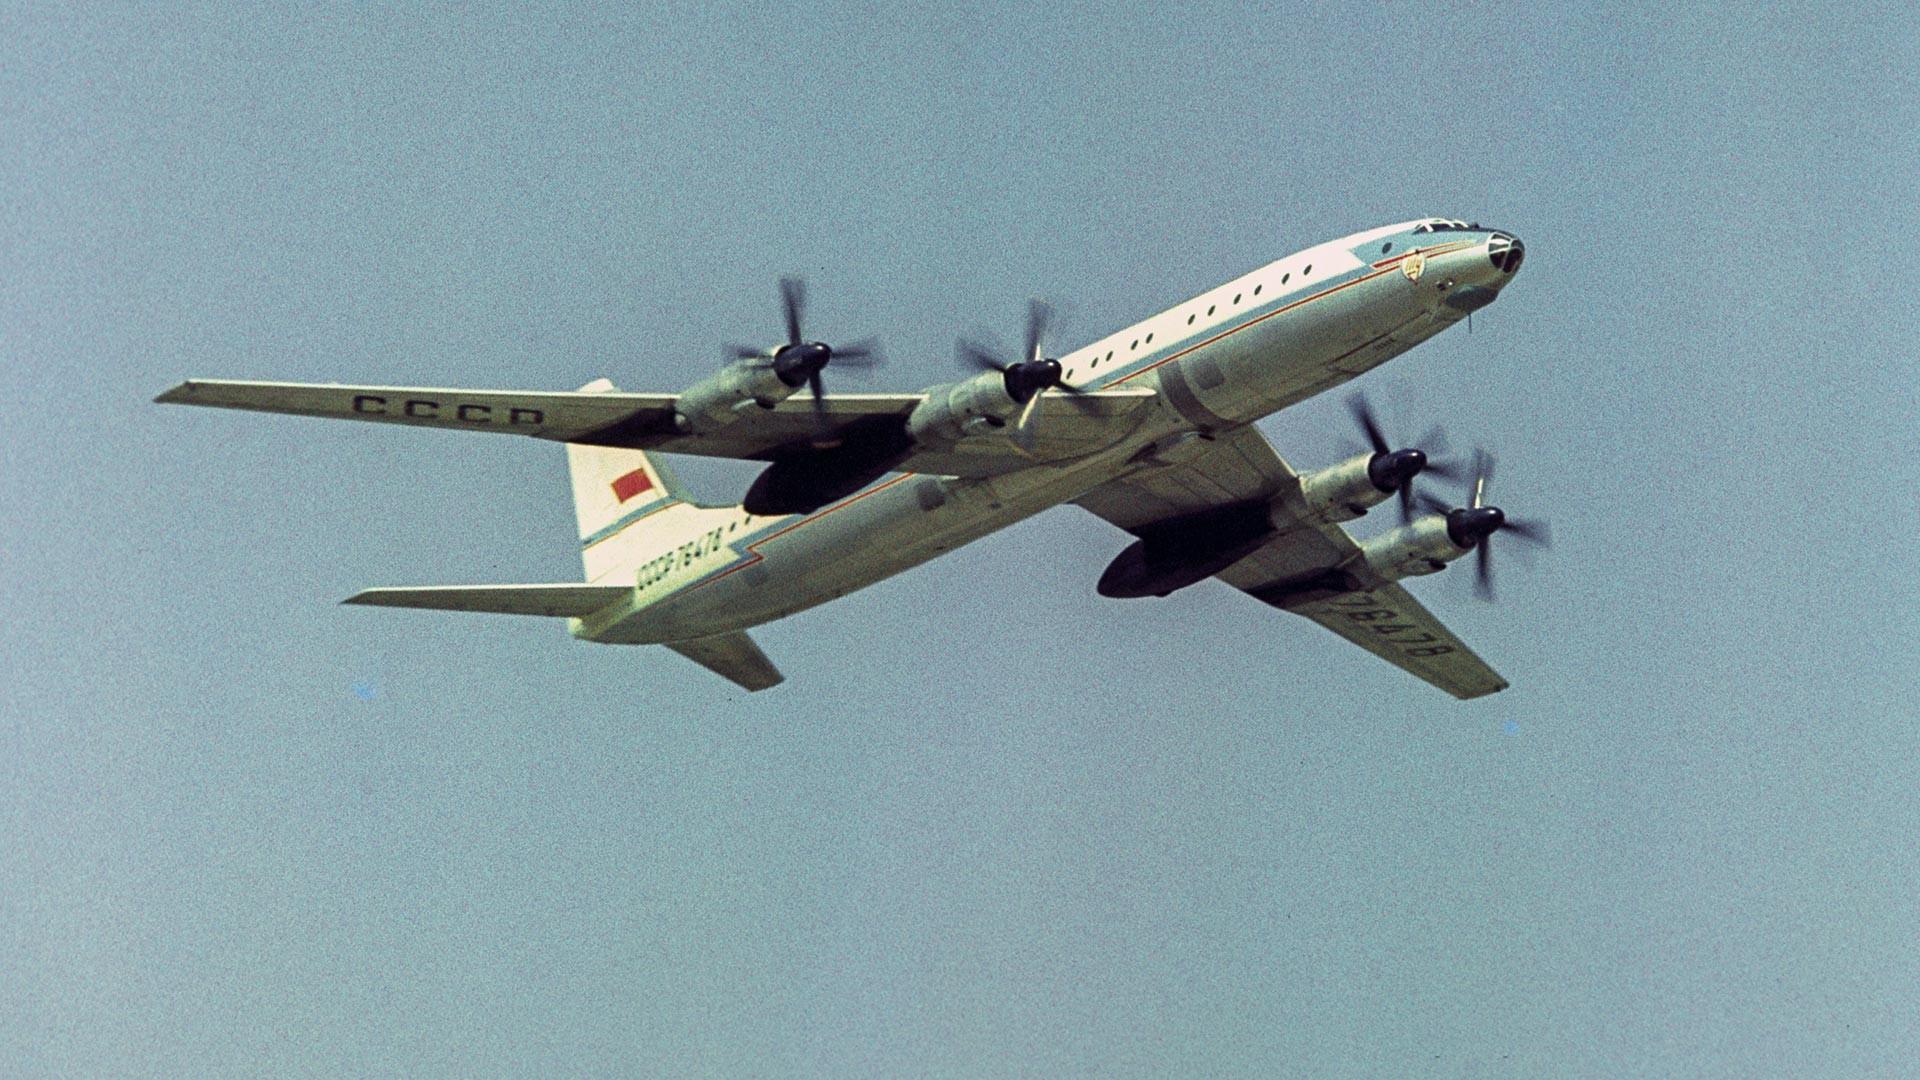 Flugurlaub am Flughafen Domodedowo, der dem 50. Jahrestag der Großen Oktoberrevolution gewidmet ist. Passagierflugzeug Tu-114.